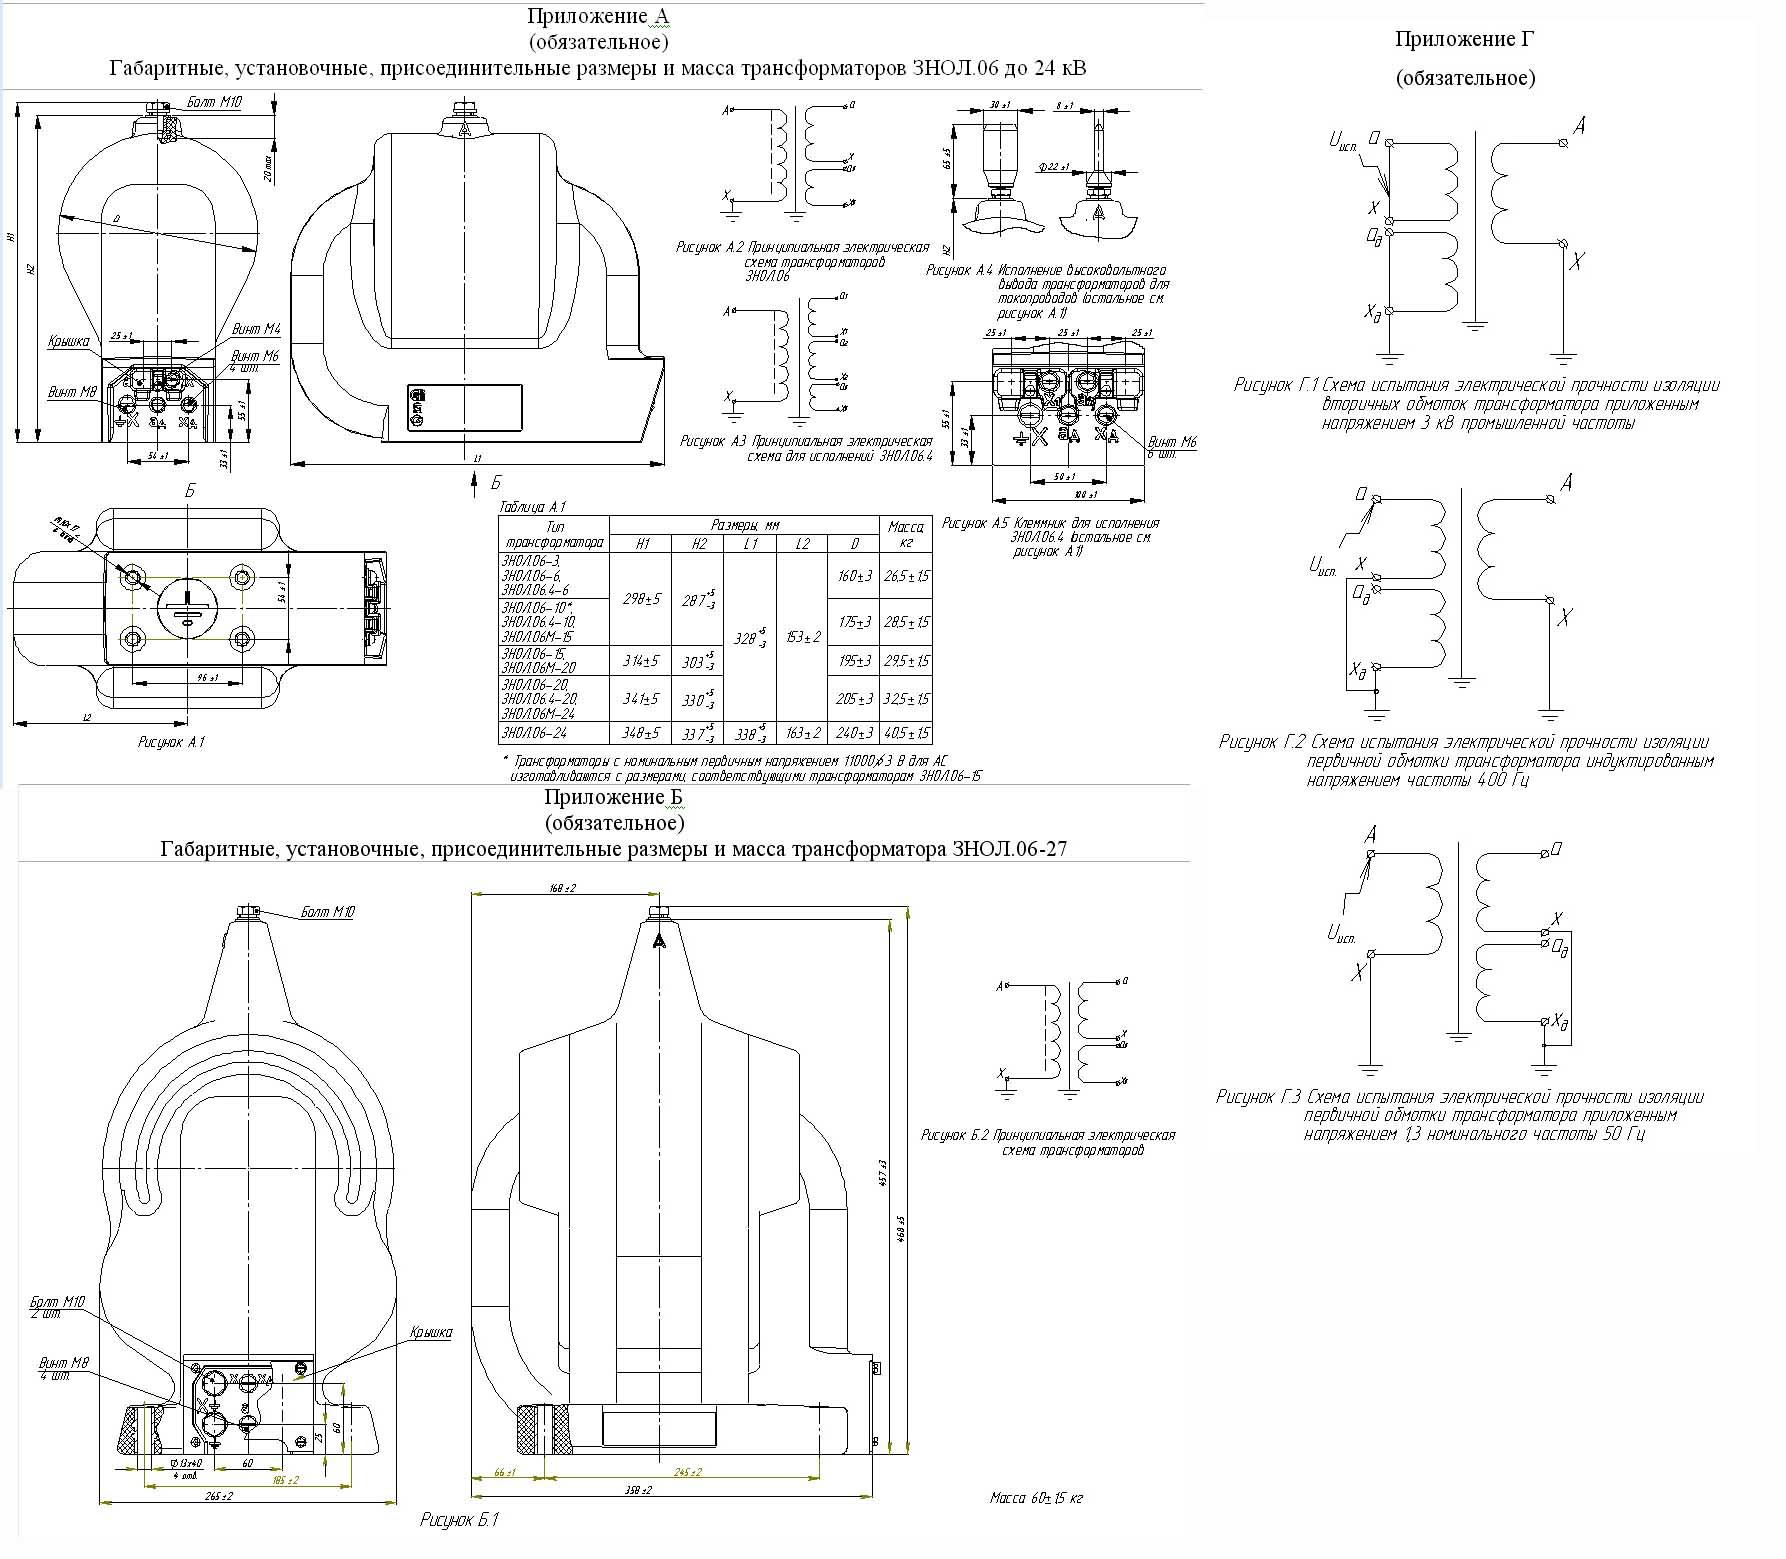 Заземляемый трансформатор напряжения 3НОЛ.06.